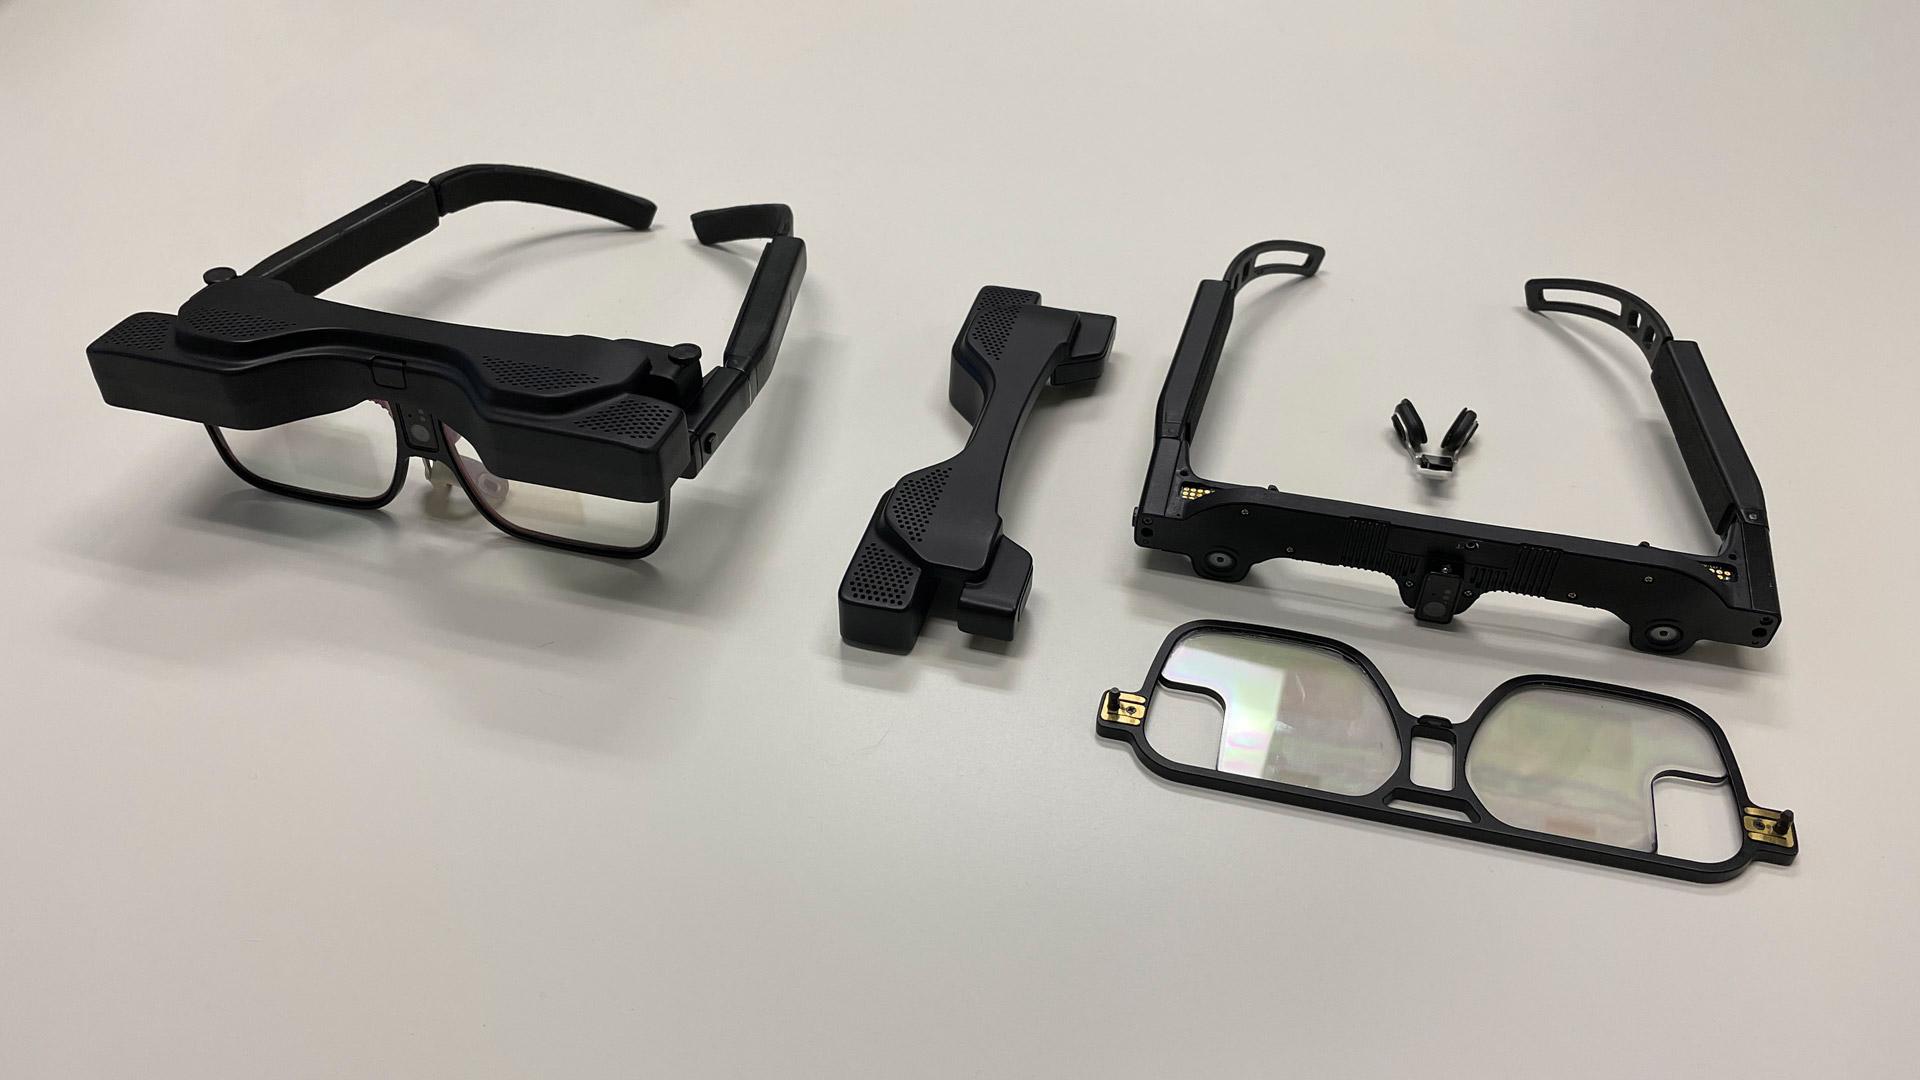 打造模块化AR眼镜,DigiLens正在加速市场消费升级